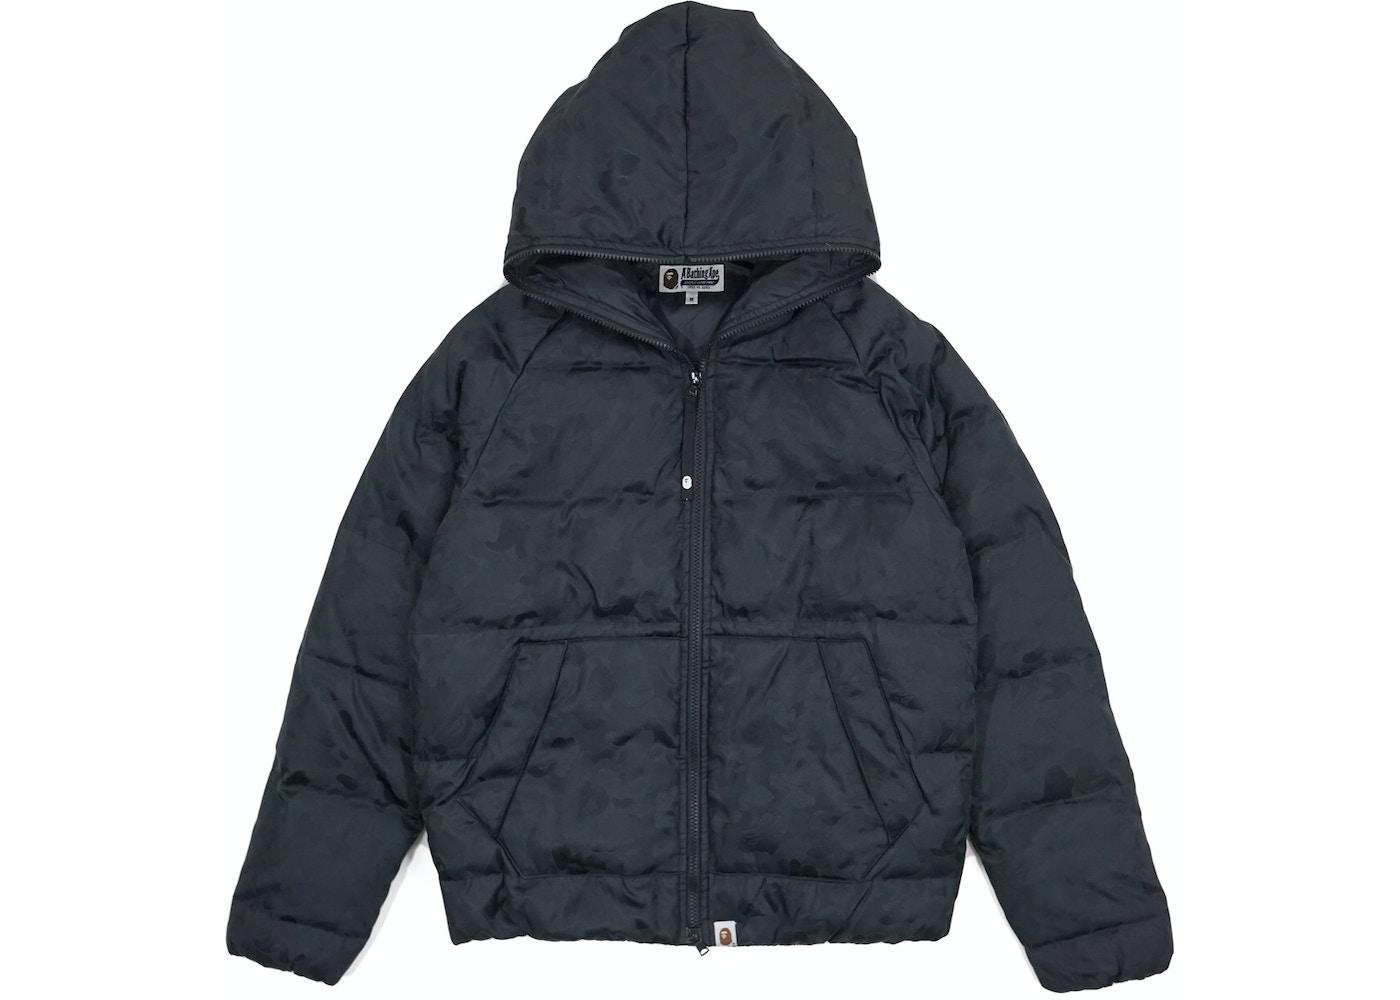 cd3eac1406e7 BAPE Jacquard Camo Full Zip Nylon Down Jacket Black. Jacquard Camo Full Zip  Nylon Down